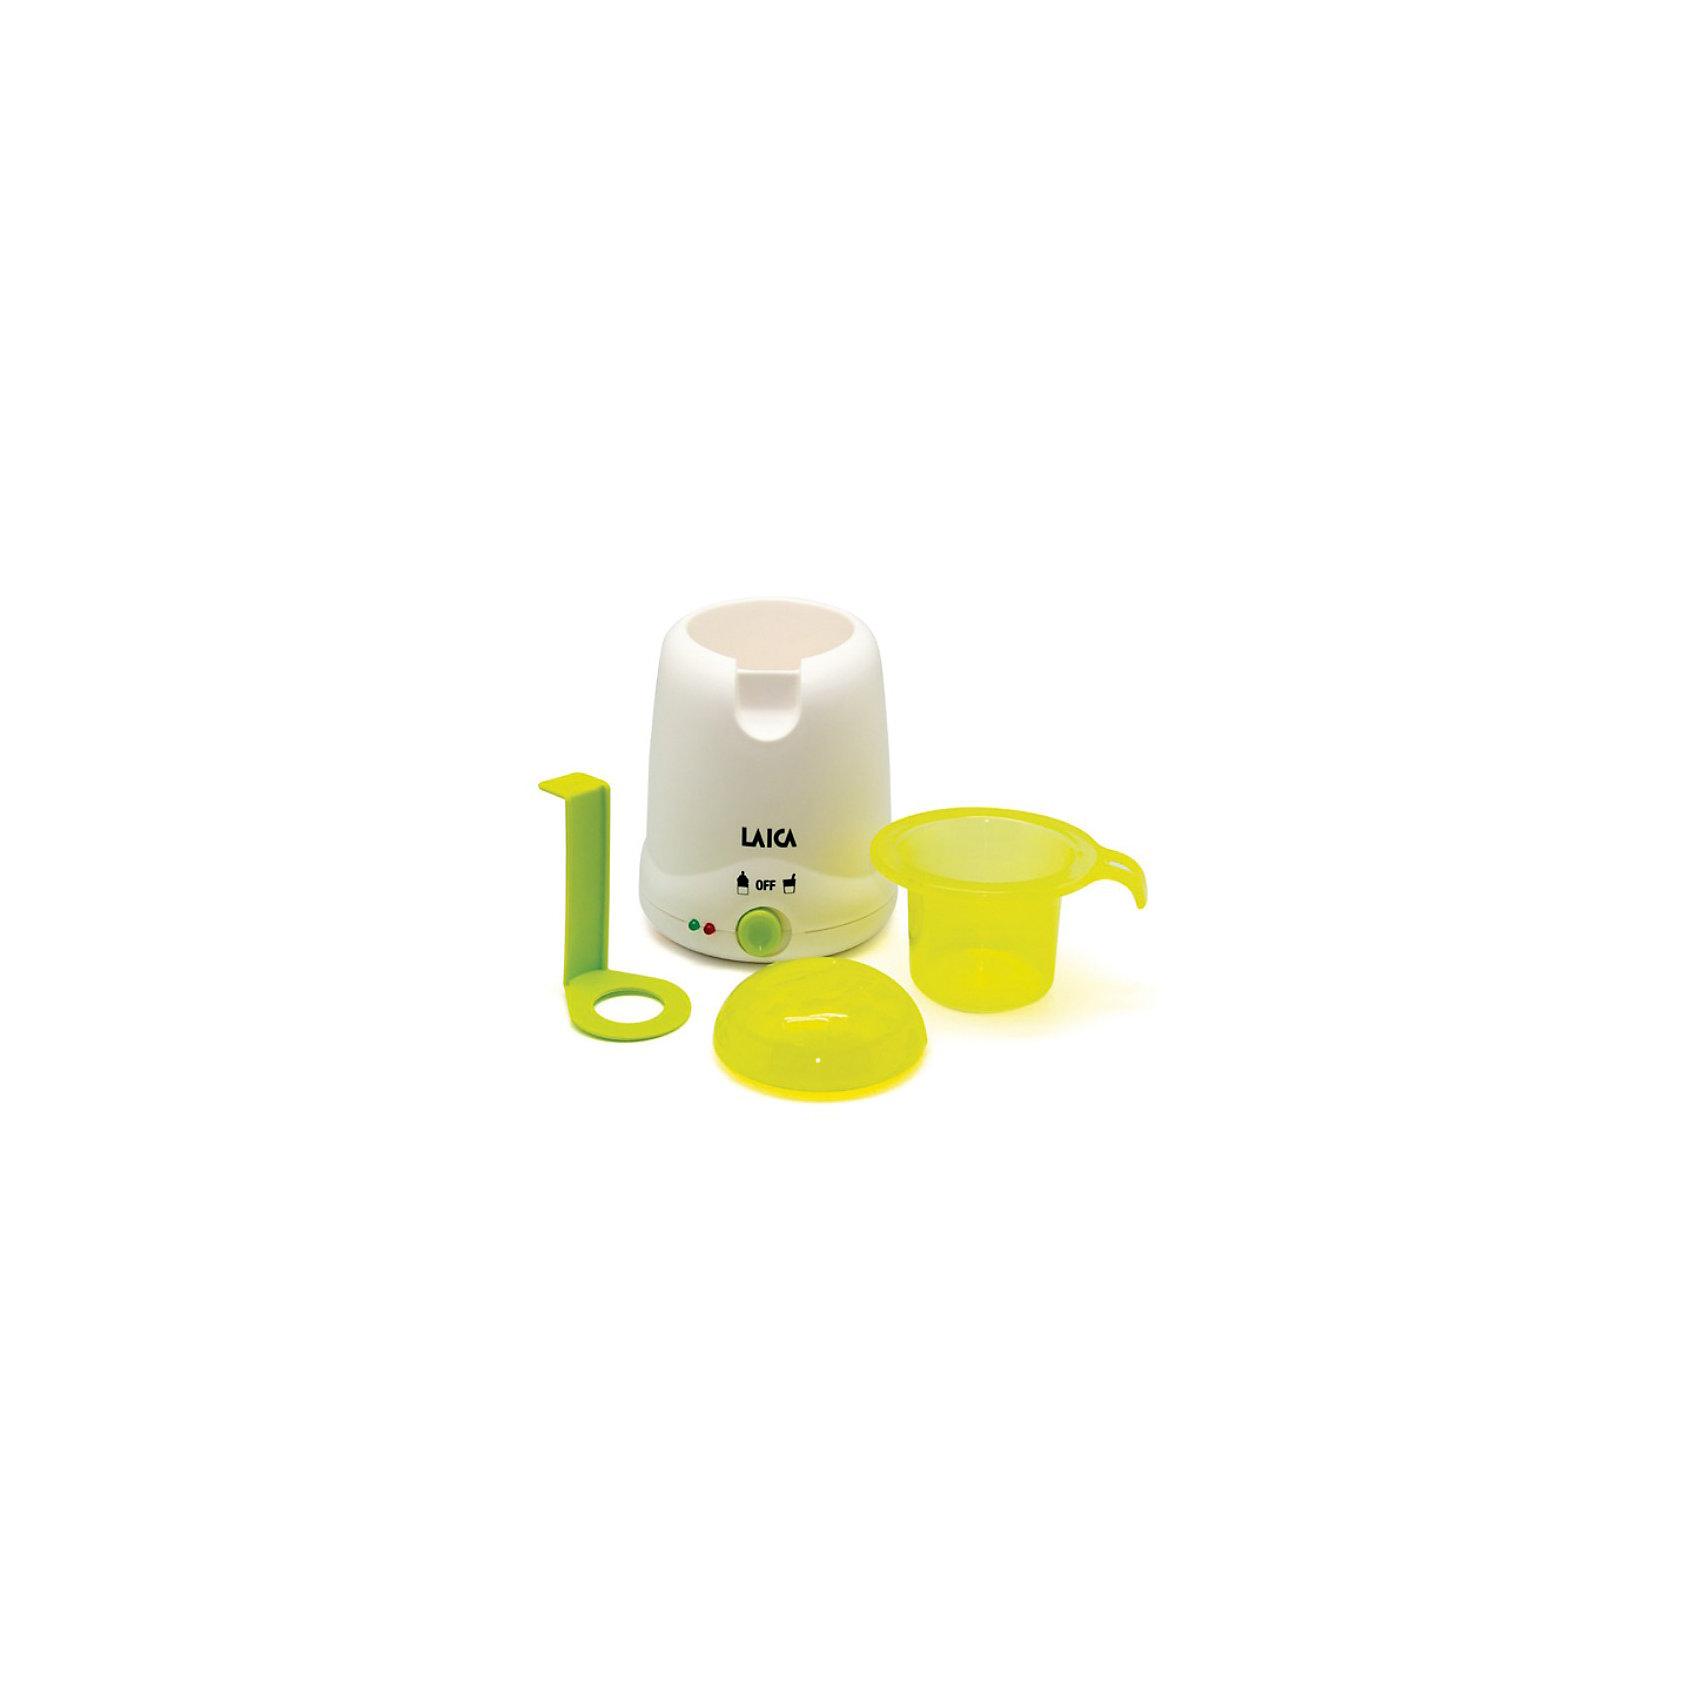 Цифровой подогреватель BС1007 LAICAПодогреватель детского питания LAICA ВС1007 - простой и функциональный подогреватель для бутылочек и баночек. Устройство работает в двух режимах нагрева в зависимости от типа питания - густое или жидкое. Нагрев ограничивается температурой 80°С. По завершению процесса нагрева прибор сигнализирует звуковым оповещением. Подогреватель работает от сети и рассчитан на одновременный подогрев одной бутылочки или одной баночки. Устройство будет особенно полезным для родителей, которые любят путешествовать вместе ребенком. Компактный размер подогревателя позволяет его взять с собой в дорогу, разместив в дорожной сумке, рюкзаке или в автомобиле.<br> <br>Дополнительная информация:<br><br>- В наборе: подогреватель детского питания, стаканчик с крышкой и лифт для извлечения бутылочек;<br>- 2 режима нагрева:<br> для жидкого (питания во всех типах бутылочек)<br> для густого питания (в баночках и контейнерах);<br>- Вместимость: 1 бутылочка или 1 баночка;<br>- Поддержание заданной температуры;<br>- Звуковой сигнал;<br>- Индикатор готовности;<br>- Температура нагрева до 80°С;<br>- Температура нагрева задается в зависимости от объема и консистенции питания;<br>- Размеры: 18 х 13 х 13 см;<br>- Вес: 500г<br><br>Цифровой подогреватель LAICA BС1007 можно купить в нашем интернет-магазине.<br><br>Ширина мм: 150<br>Глубина мм: 140<br>Высота мм: 190<br>Вес г: 590<br>Возраст от месяцев: 0<br>Возраст до месяцев: 36<br>Пол: Унисекс<br>Возраст: Детский<br>SKU: 3593310